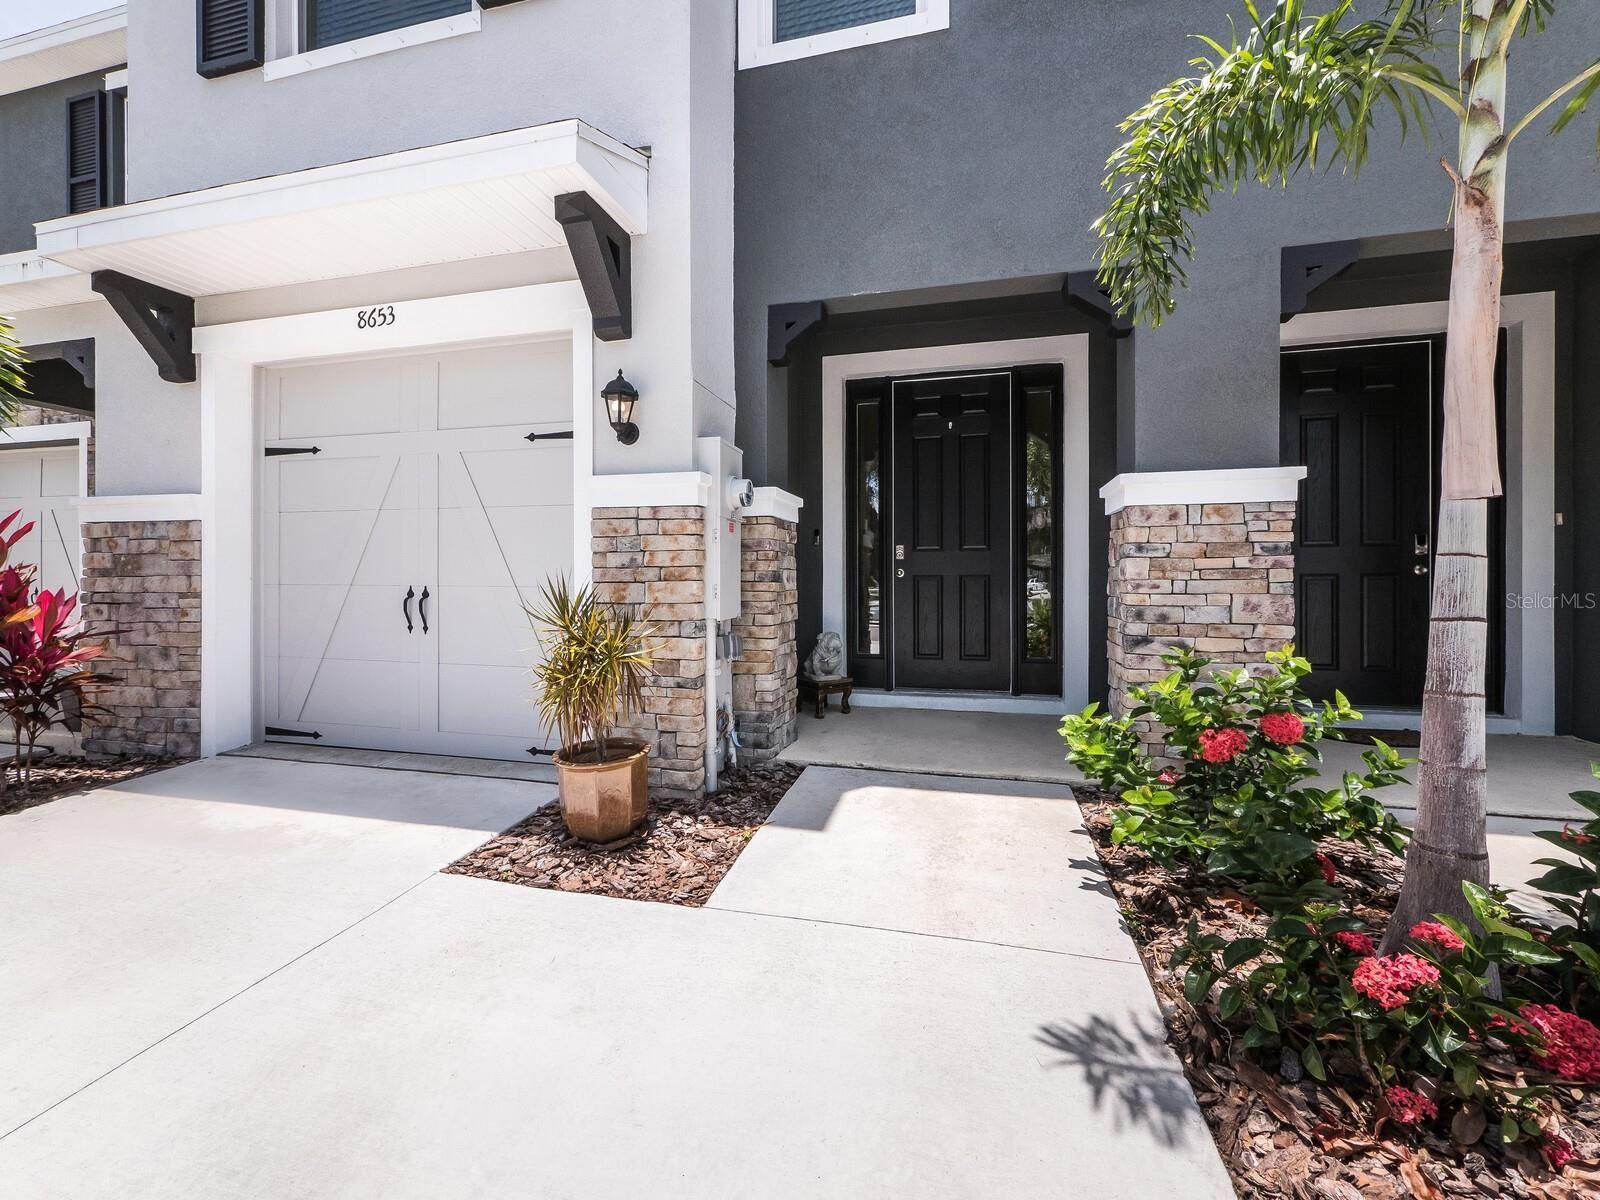 Photo of 8653 DAYDREAM STREET, SARASOTA, FL 34238 (MLS # A4504454)